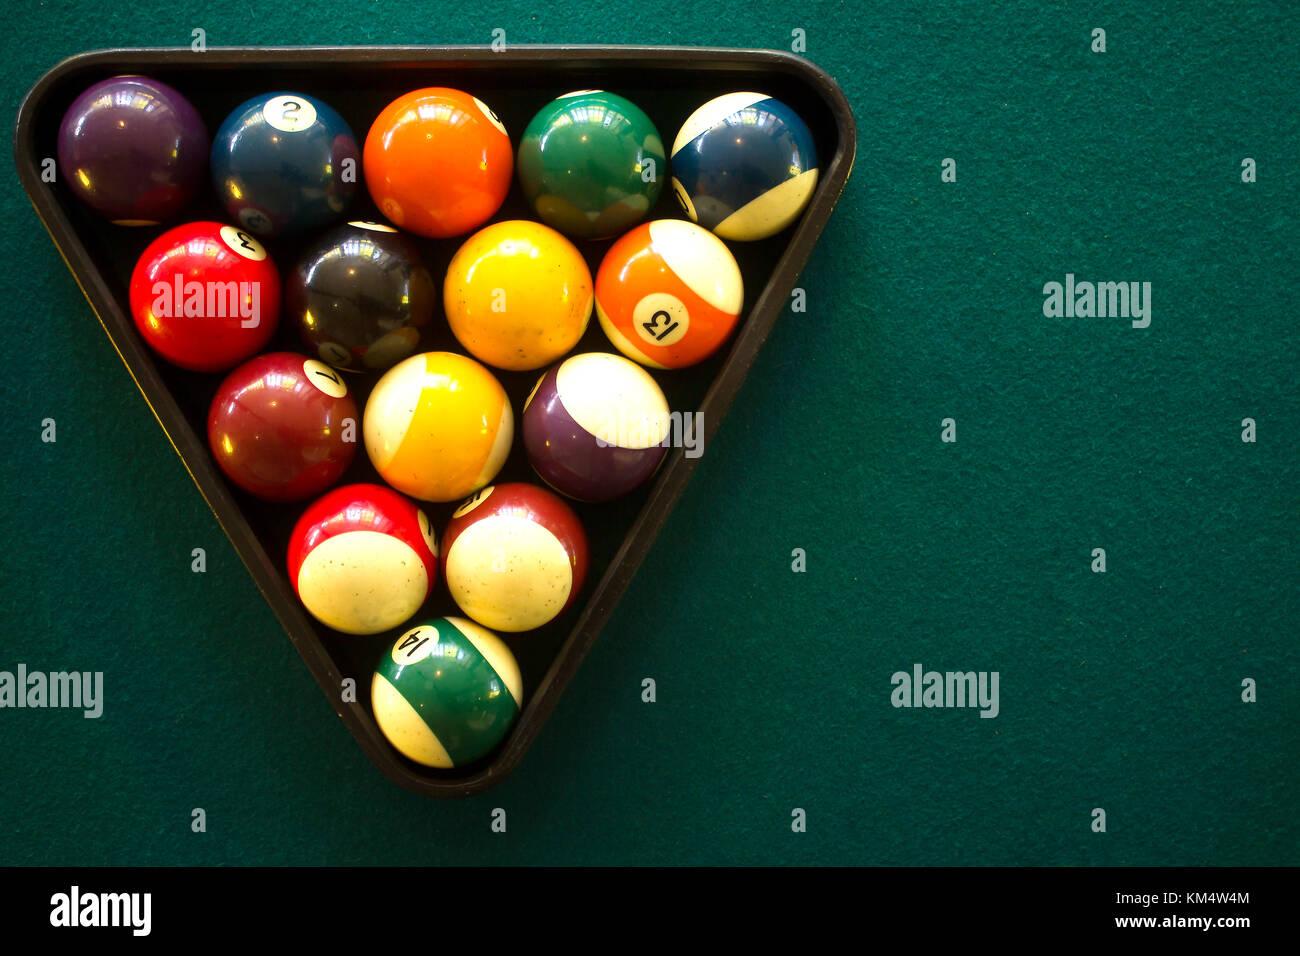 La foto in orizzontale di un tavolo da biliardo e palle da biliardo vista da sopra Immagini Stock